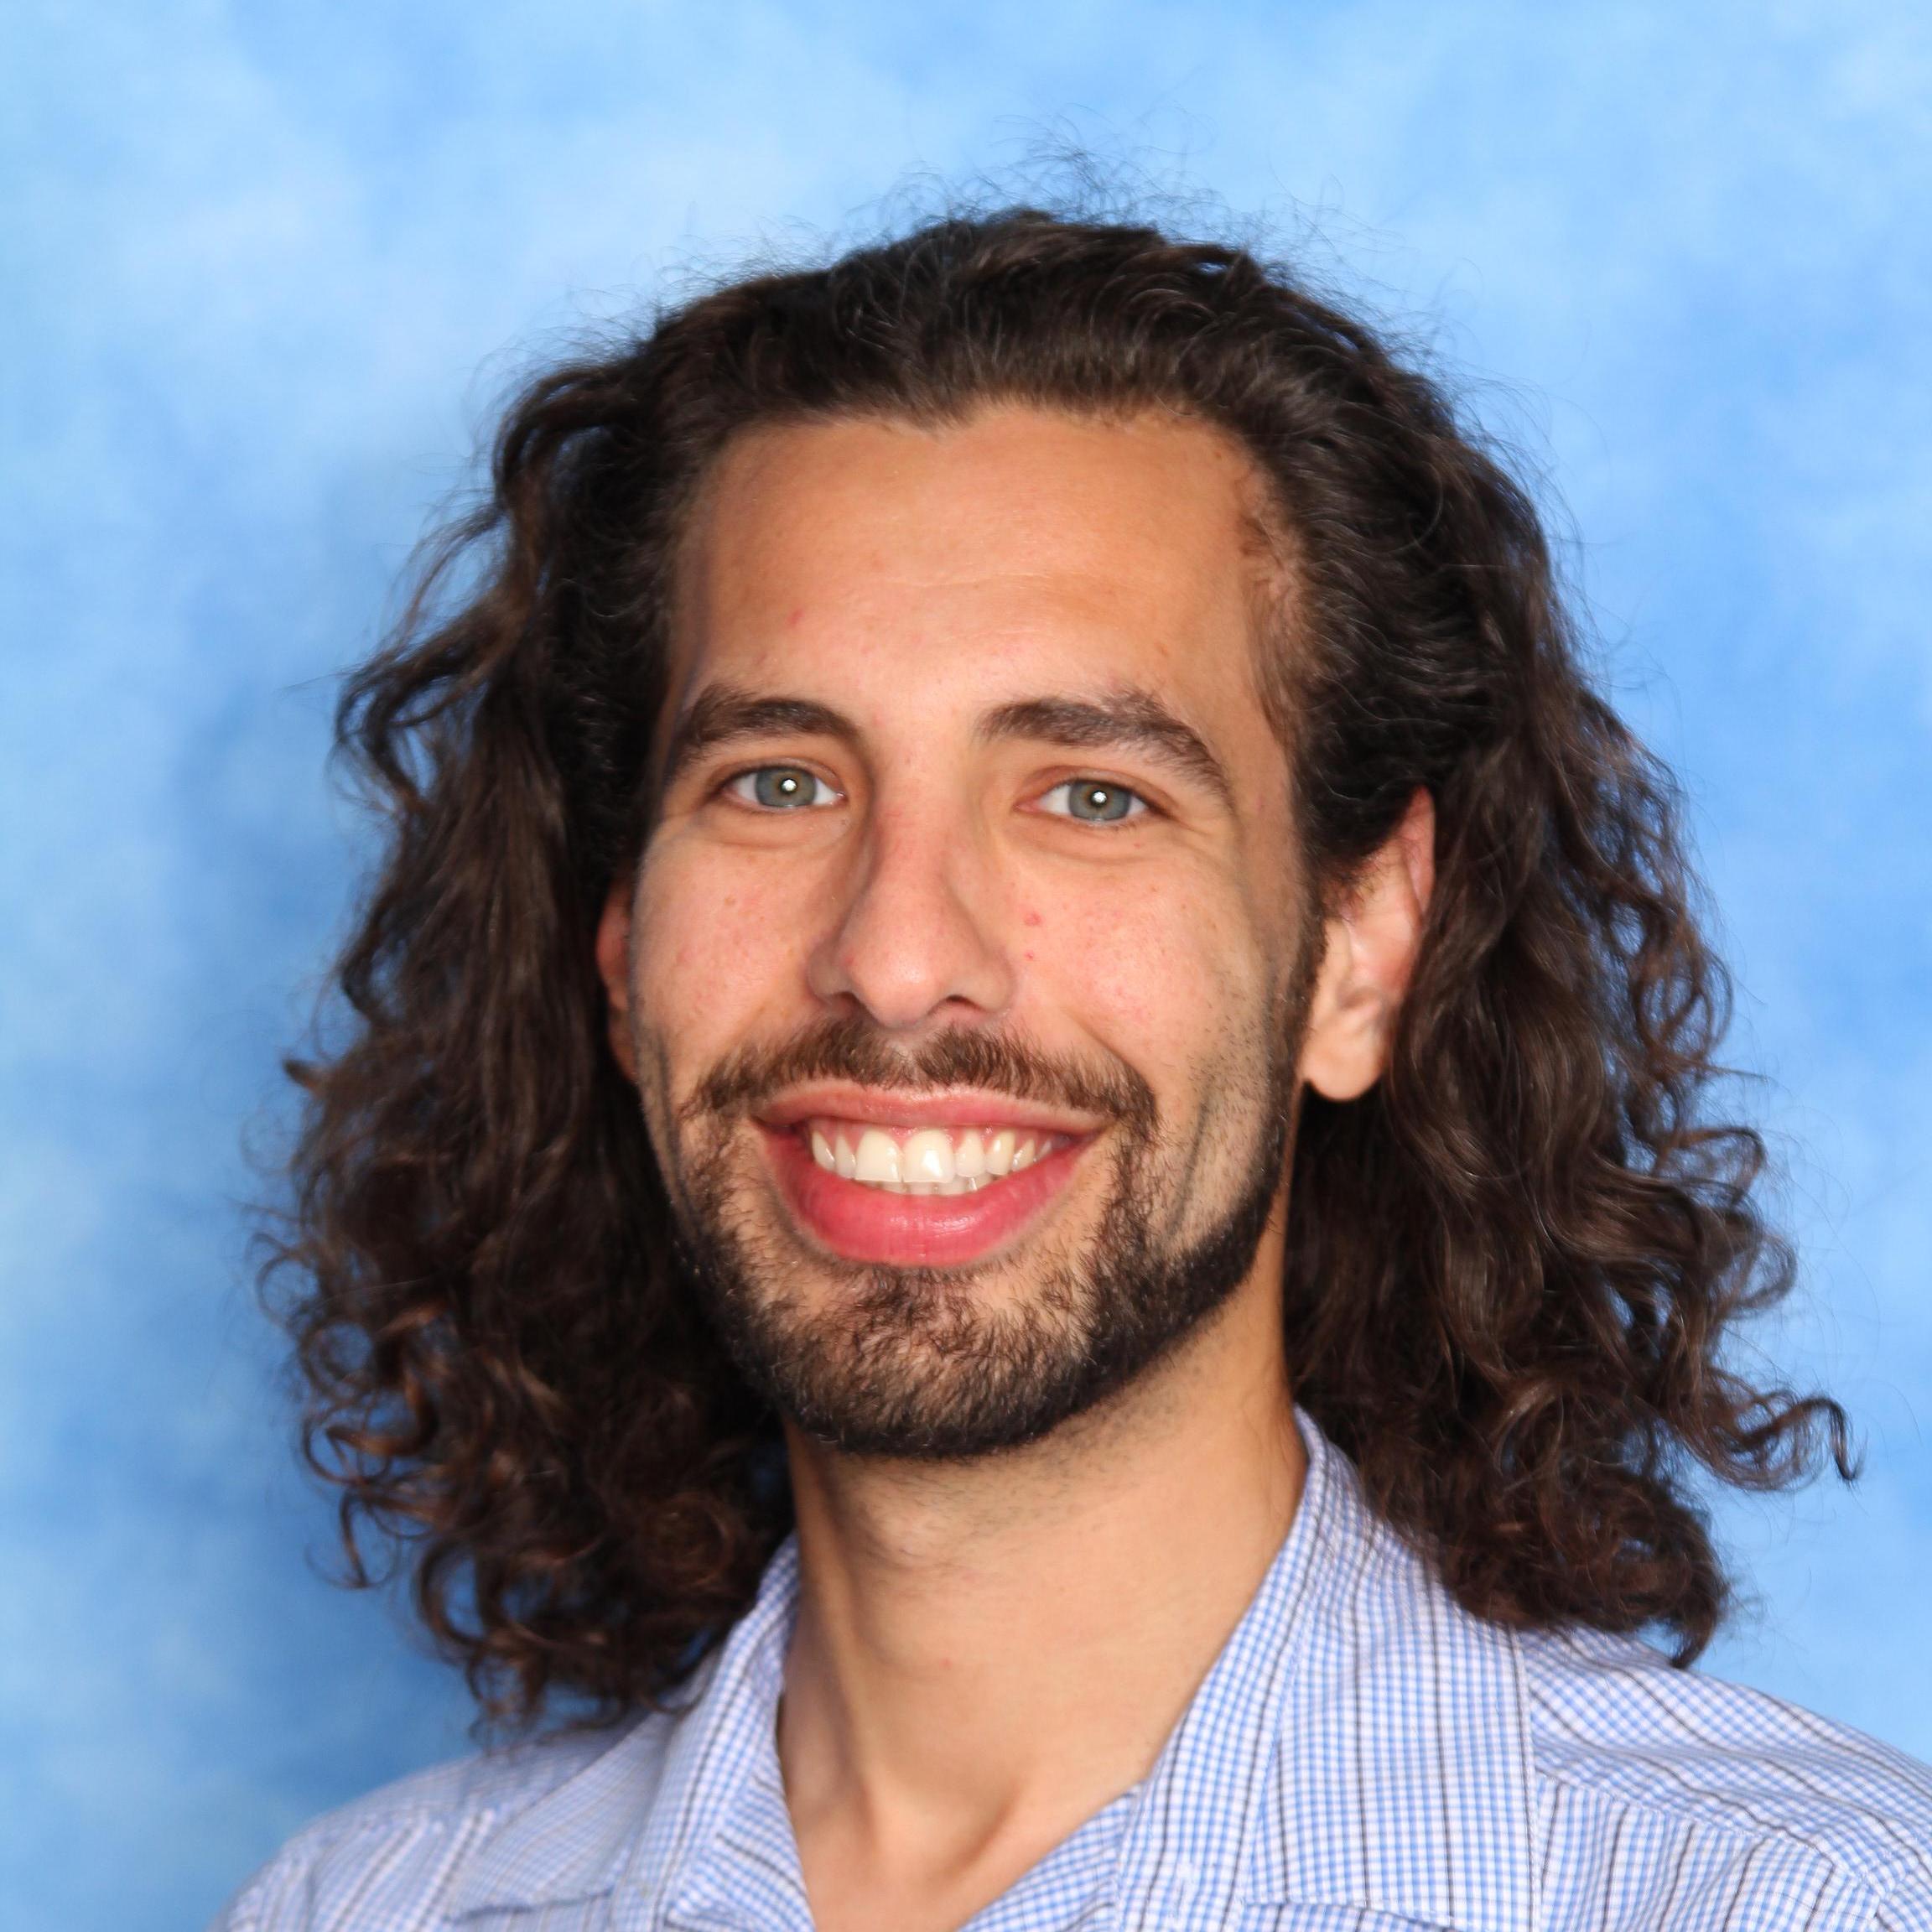 Sean Rath's Profile Photo